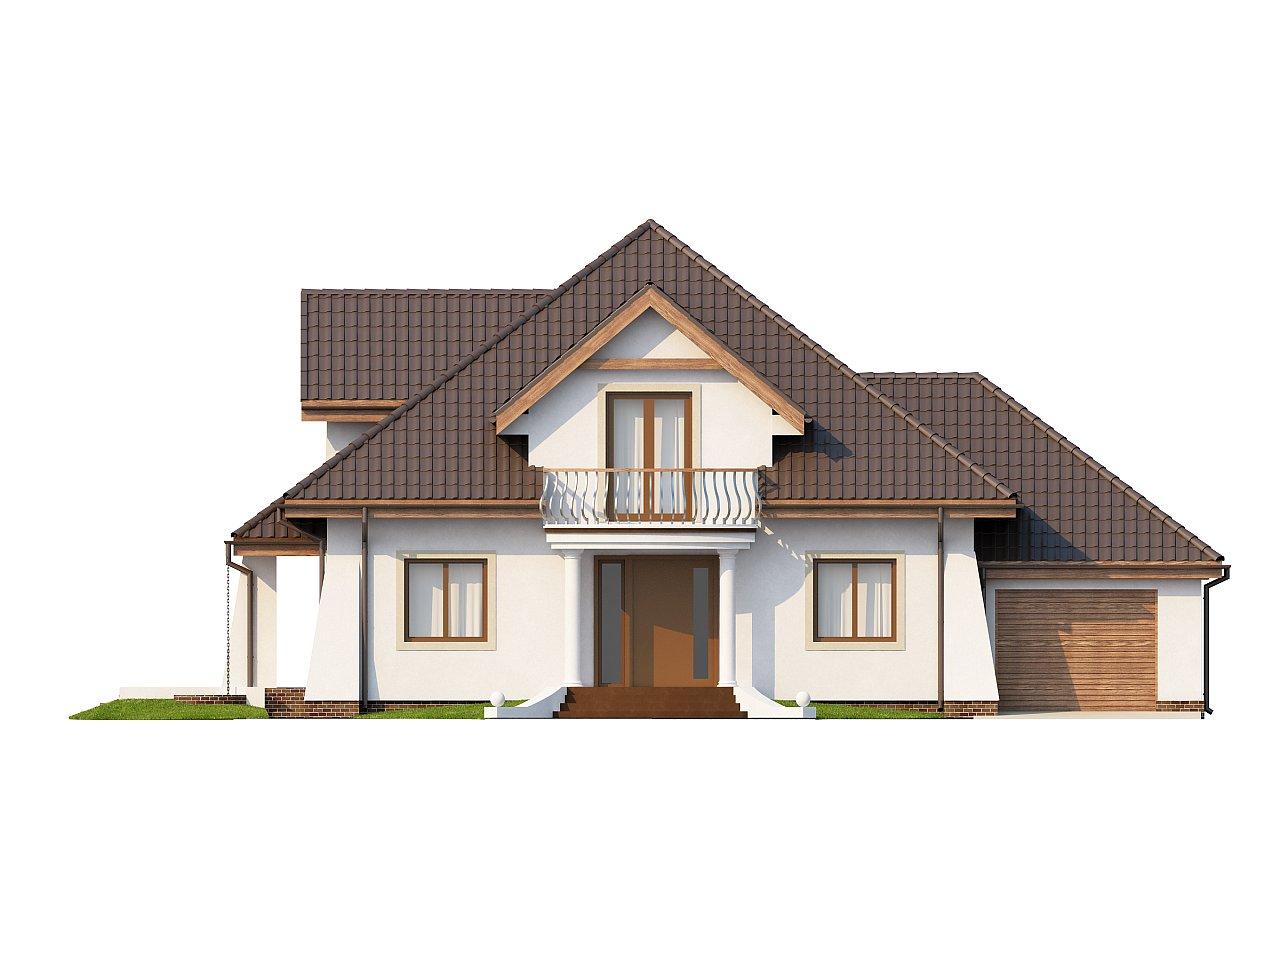 Удобный дом в классическом стиле с красивыми мансардными окнами и балконом. 3